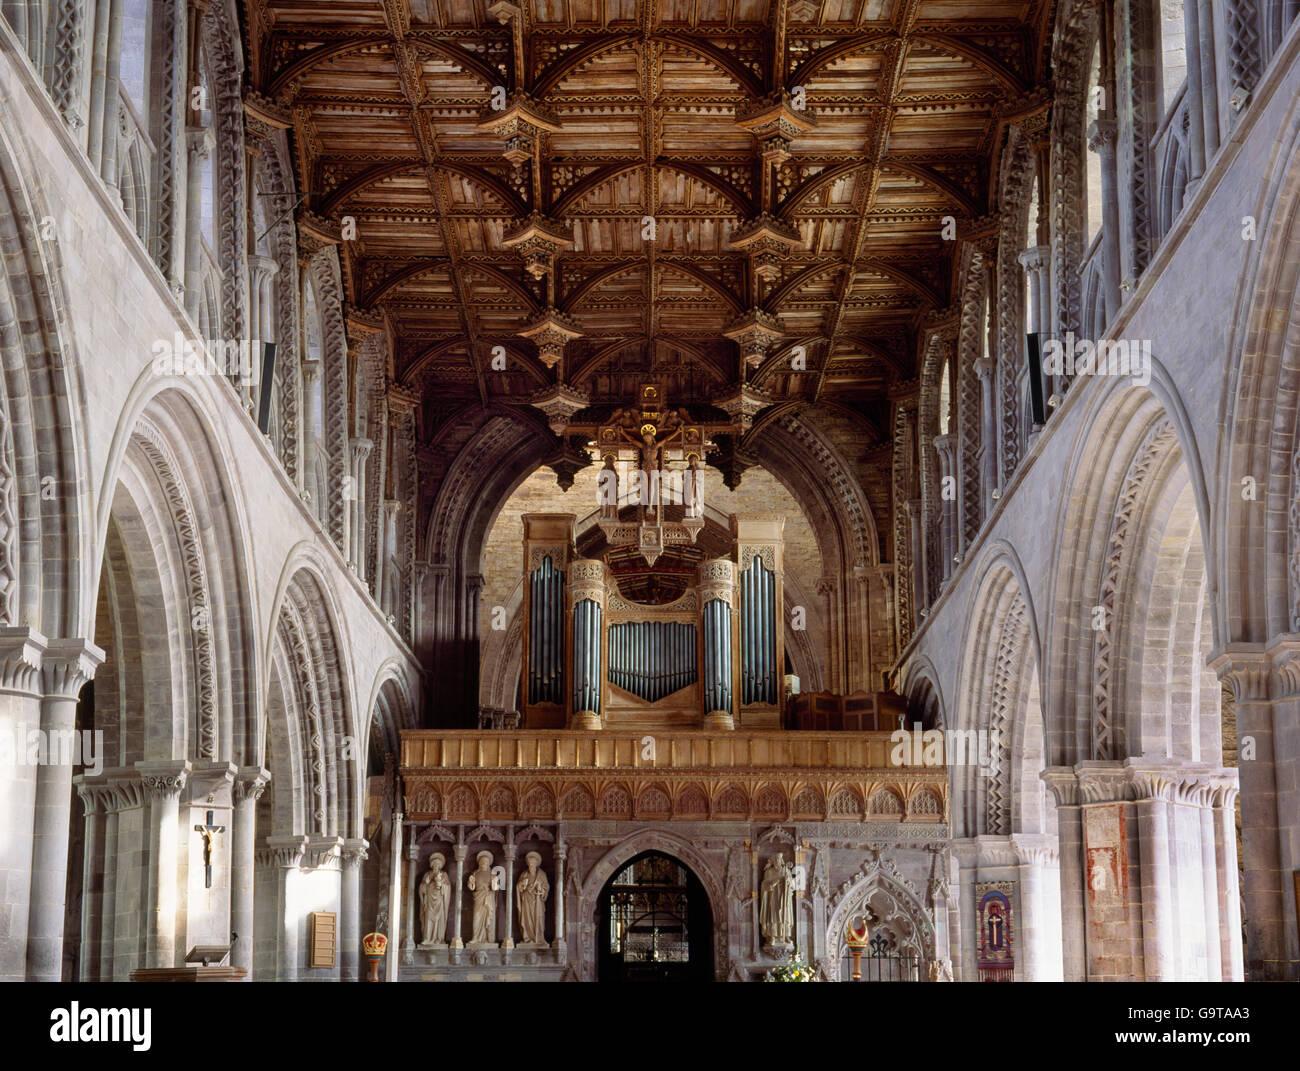 http://c8.alamy.com/compde/g9taa3/st-davids-kathedrale-zeigt-interieur-des-schiffes-holzdecke-lichtgaden-n-s-arkaden-naturstein-bildschirm-pulpitum-rood-orgel-g9taa3.jpg